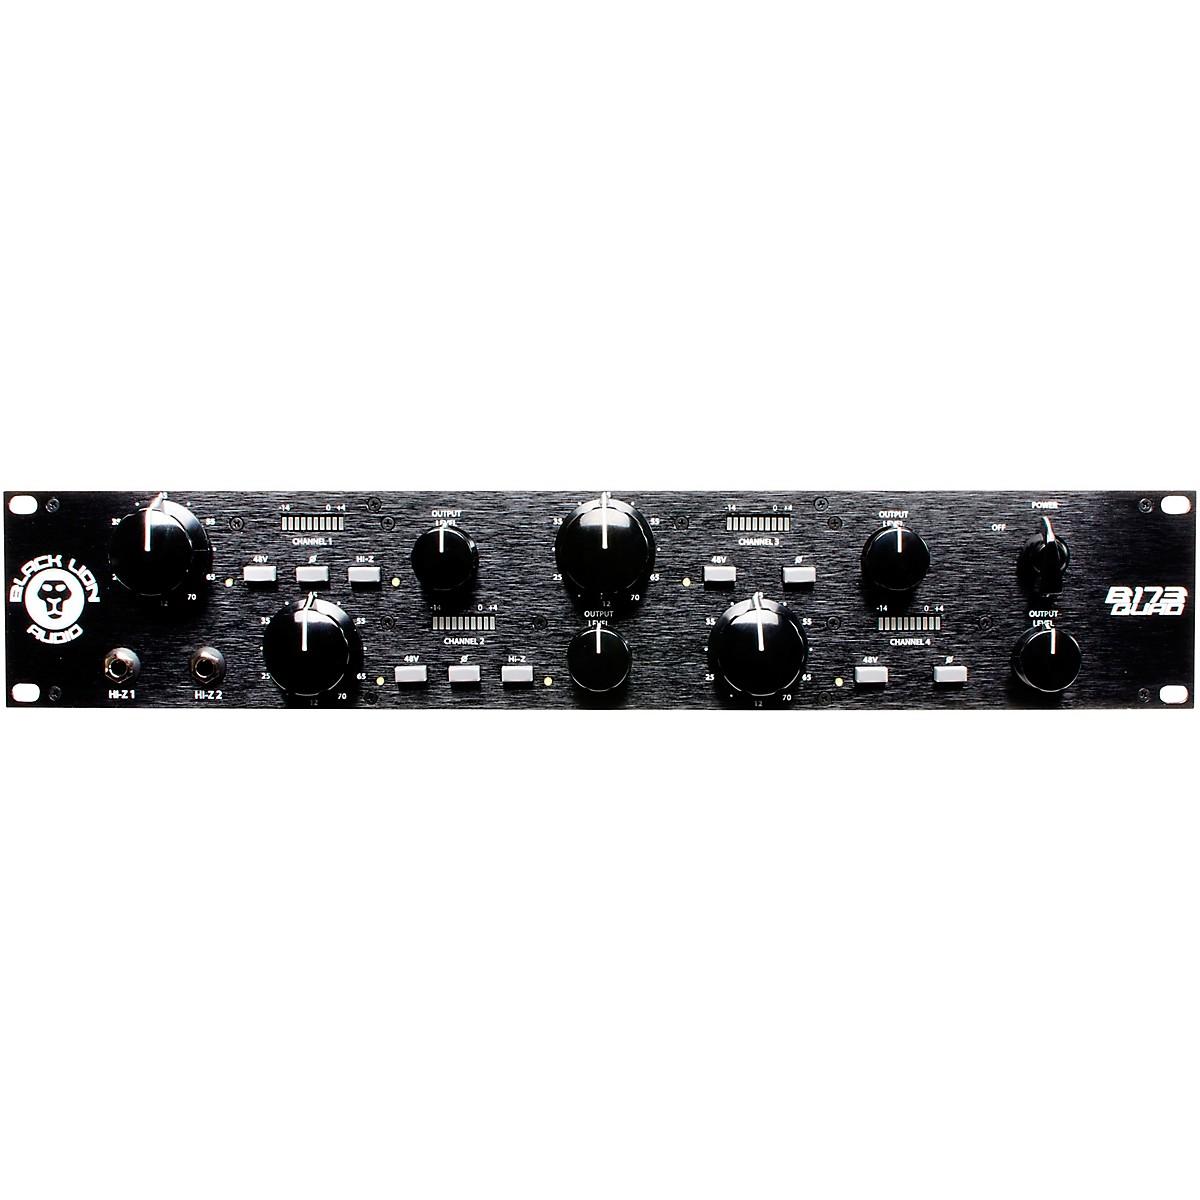 Black Lion Audio B173Quad 4-Channel Mic Pre